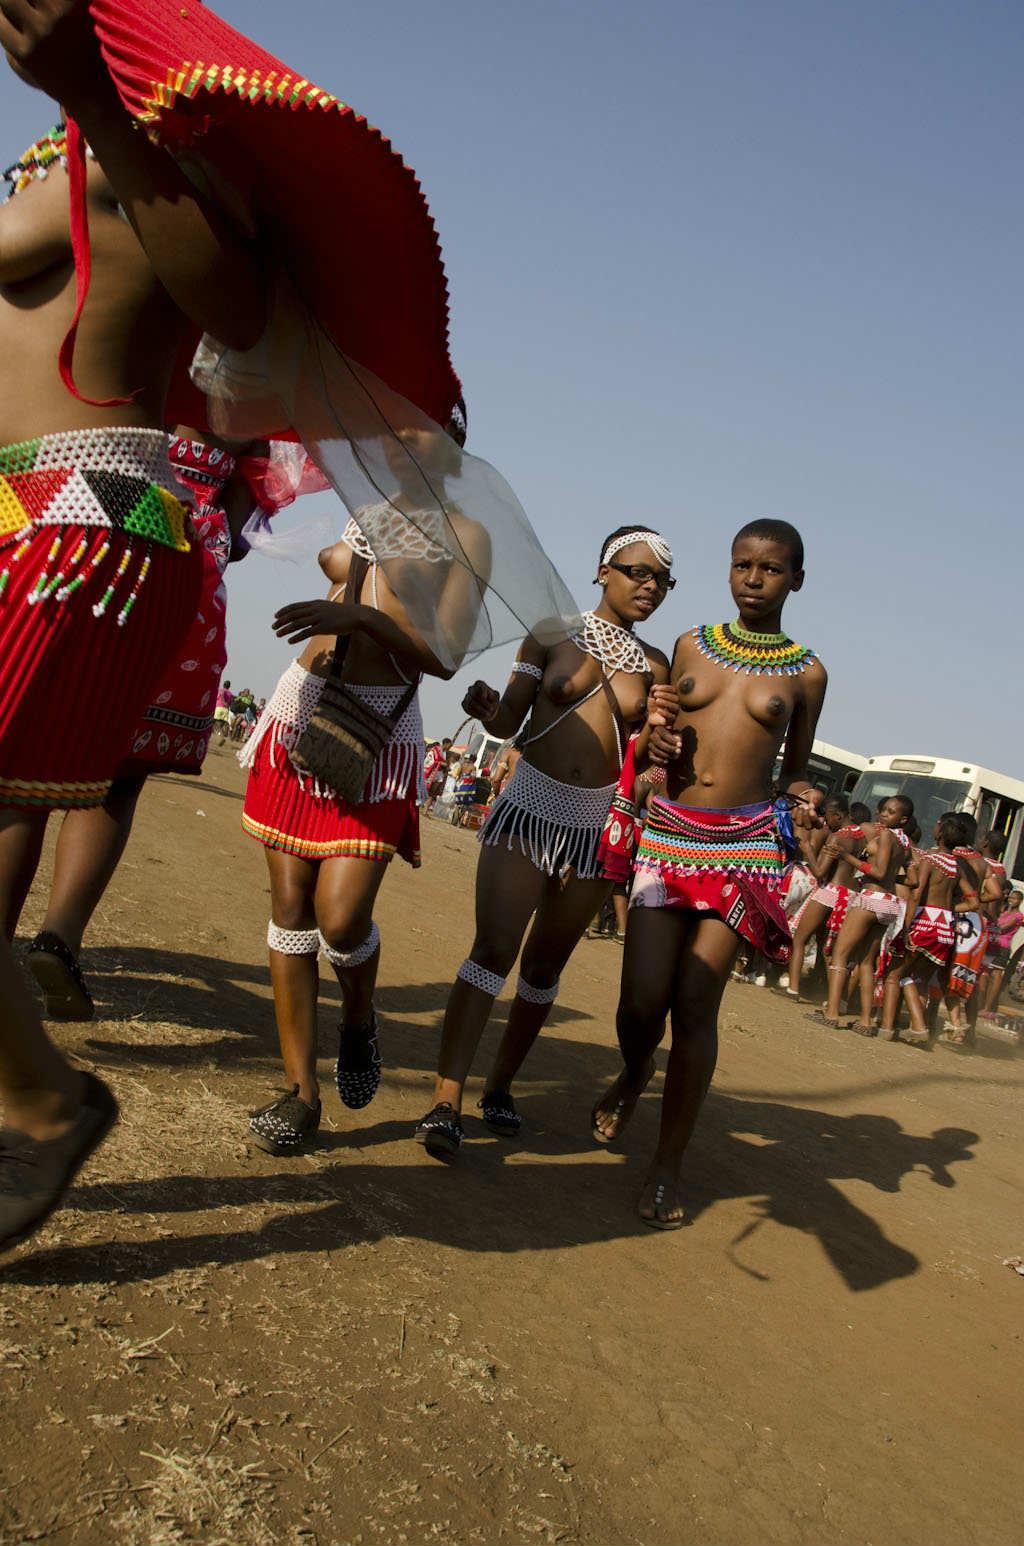 アフリカ爆乳裸族(リード・ダンスにて) (6)